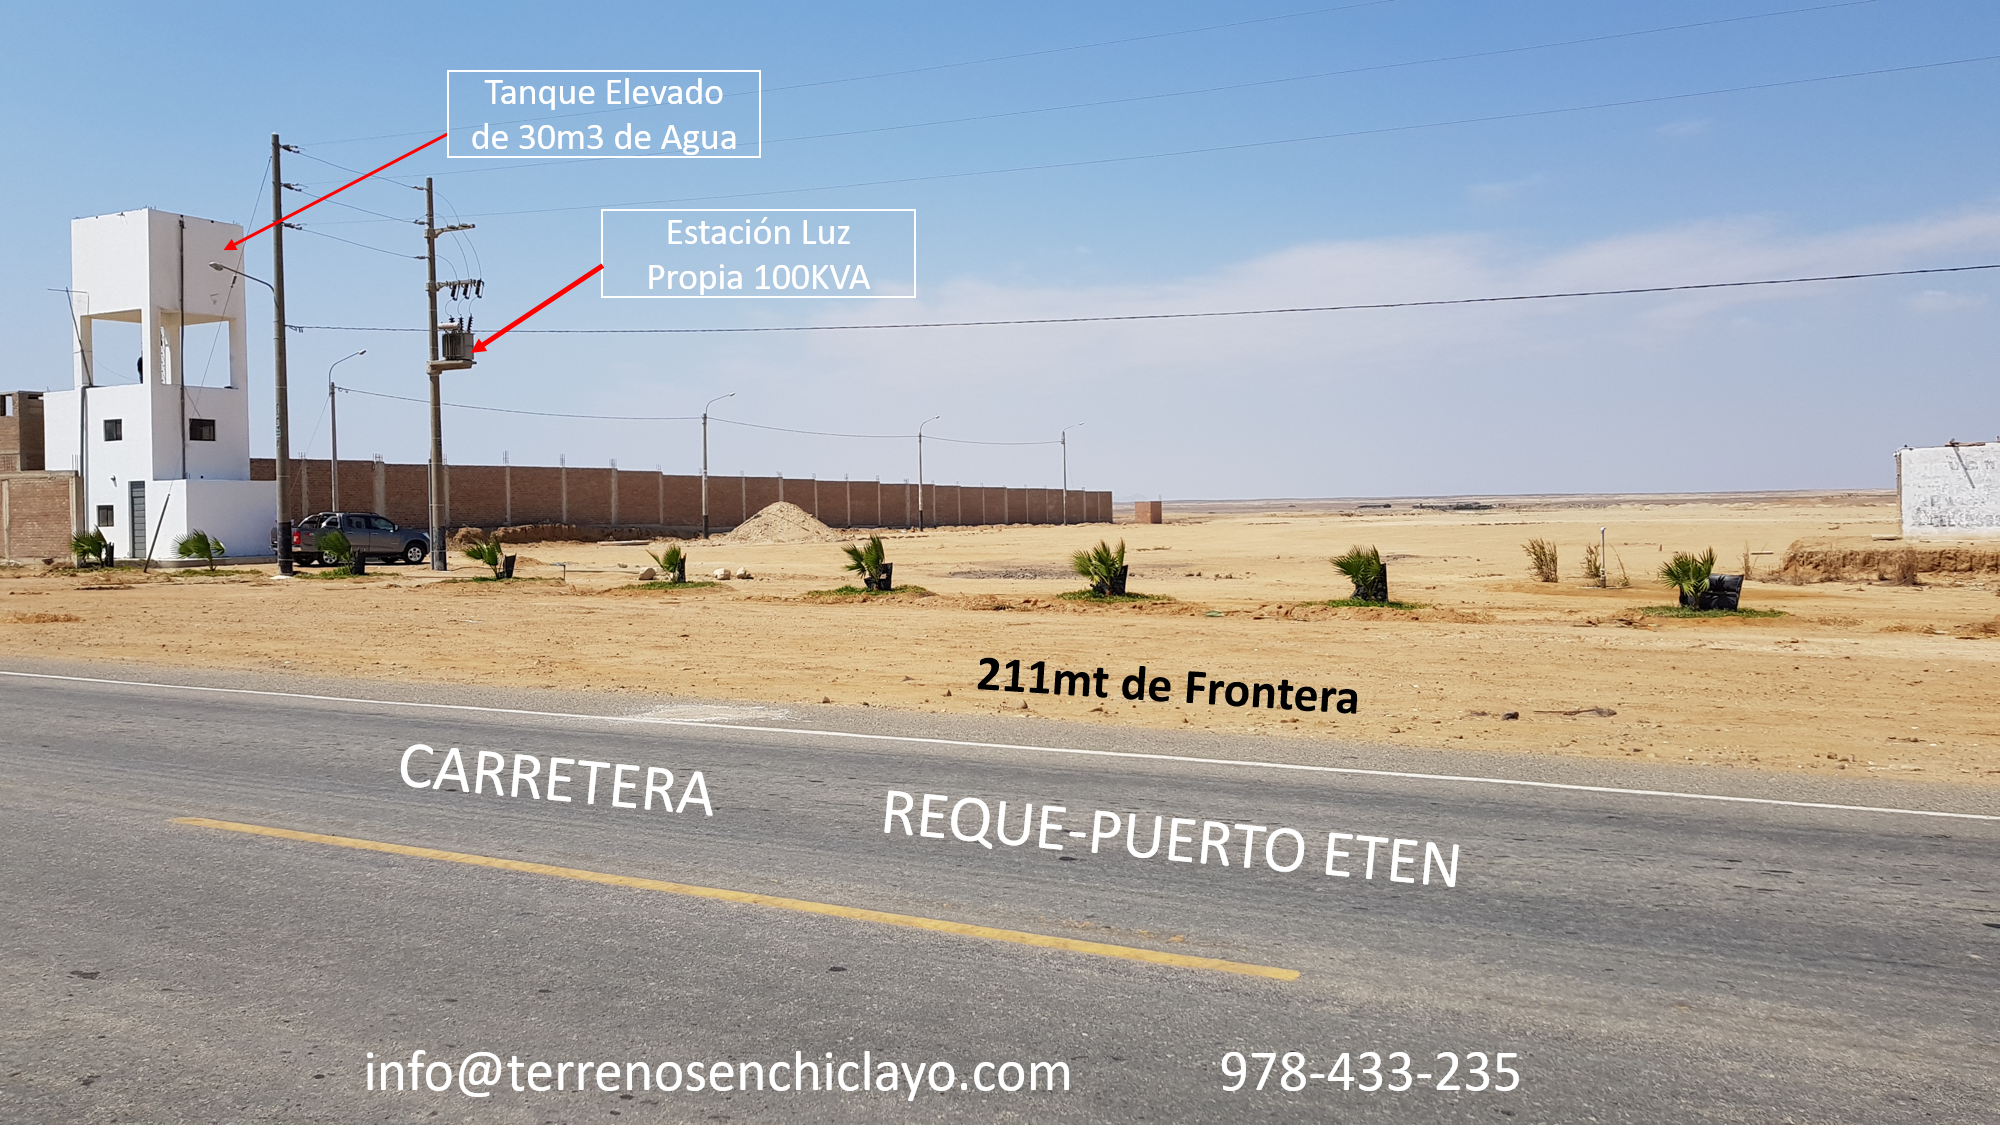 Hermoso Terreno, Frente a La Carretera a Puerto Eten (Reque-Chiclayo)